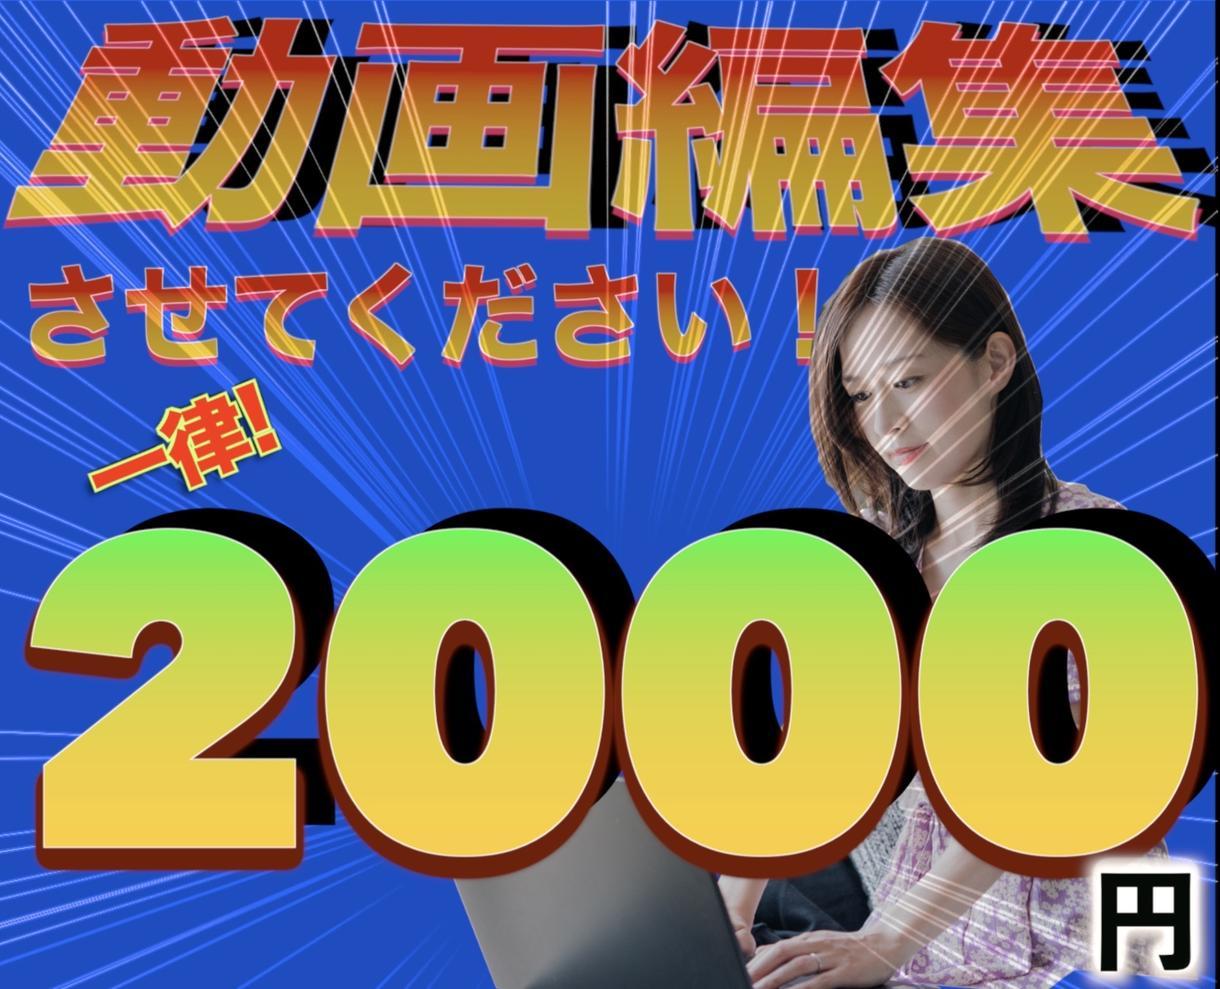 一律2000円で全て編集致します 私に編集させて下さい❗️❗️何分の動画でもいいです❗️ イメージ1